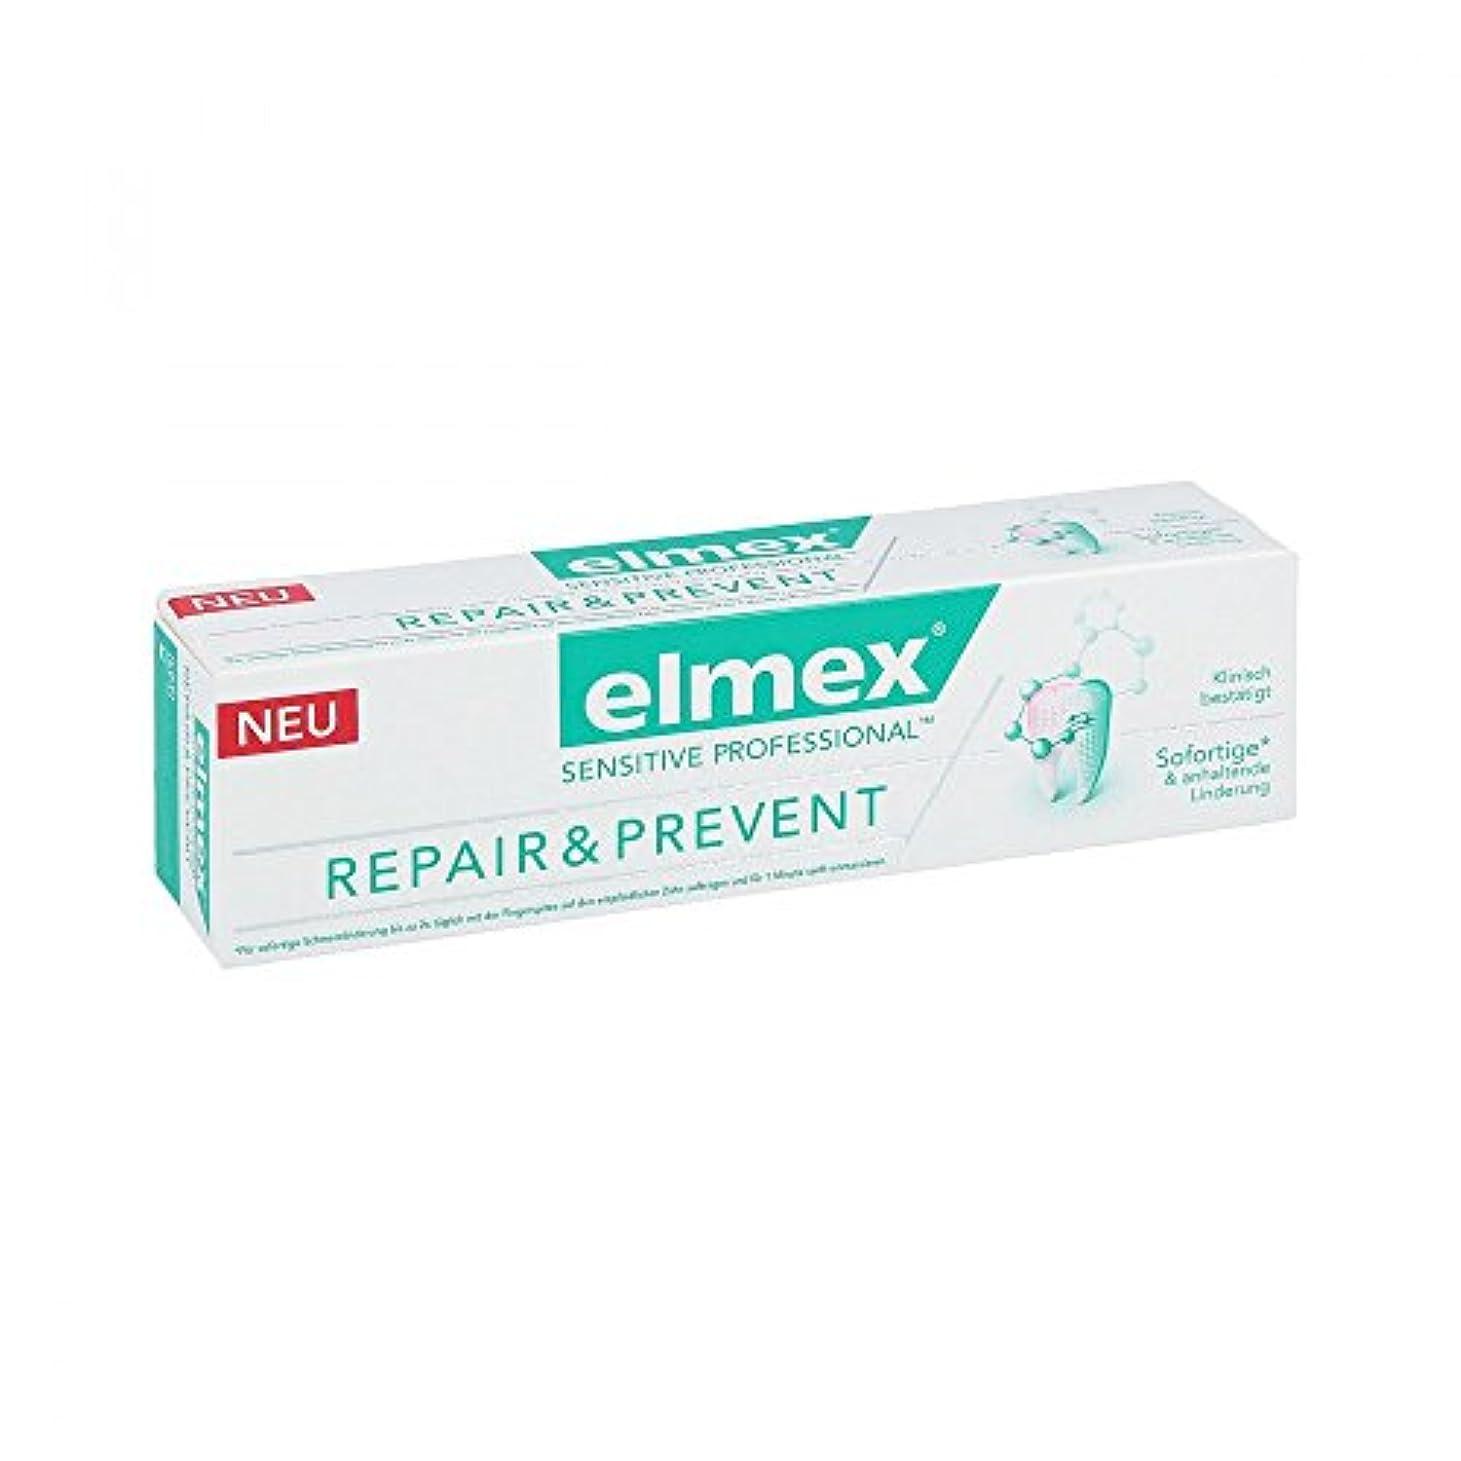 機械的に予防接種ピルファー3本セット Elmex エルメックス プロ センシティブ 修復 予防 知覚過敏用 歯磨き粉 75ml【並行輸入品】